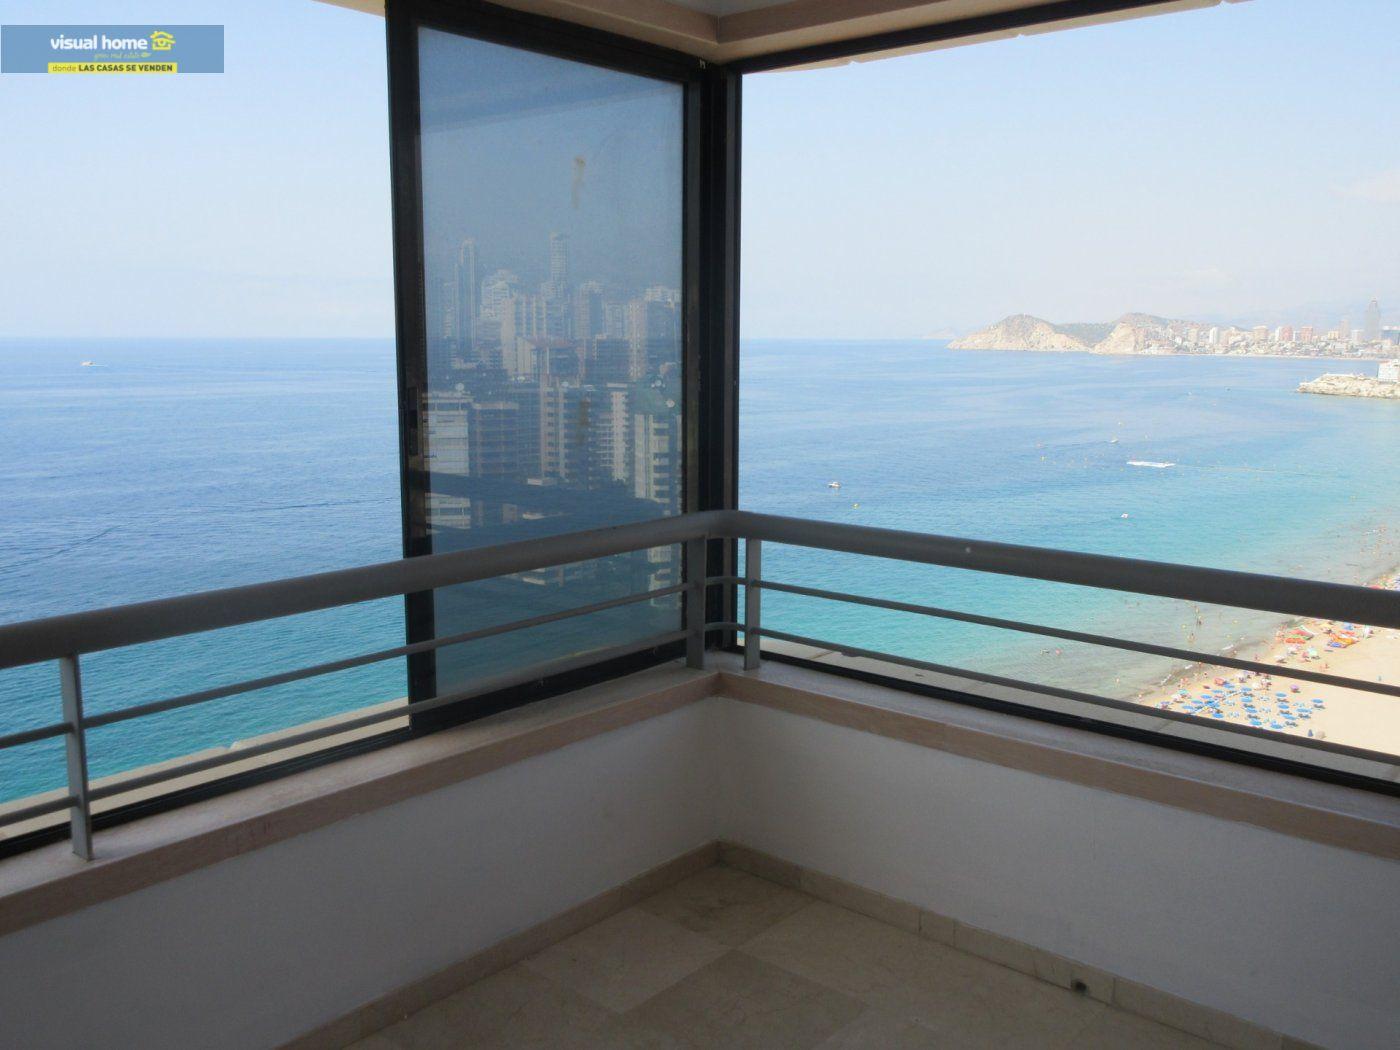 Apartamento de 1 dormitorio con espectaculares vistas  en 1ª linea de playa con parking y piscina 3